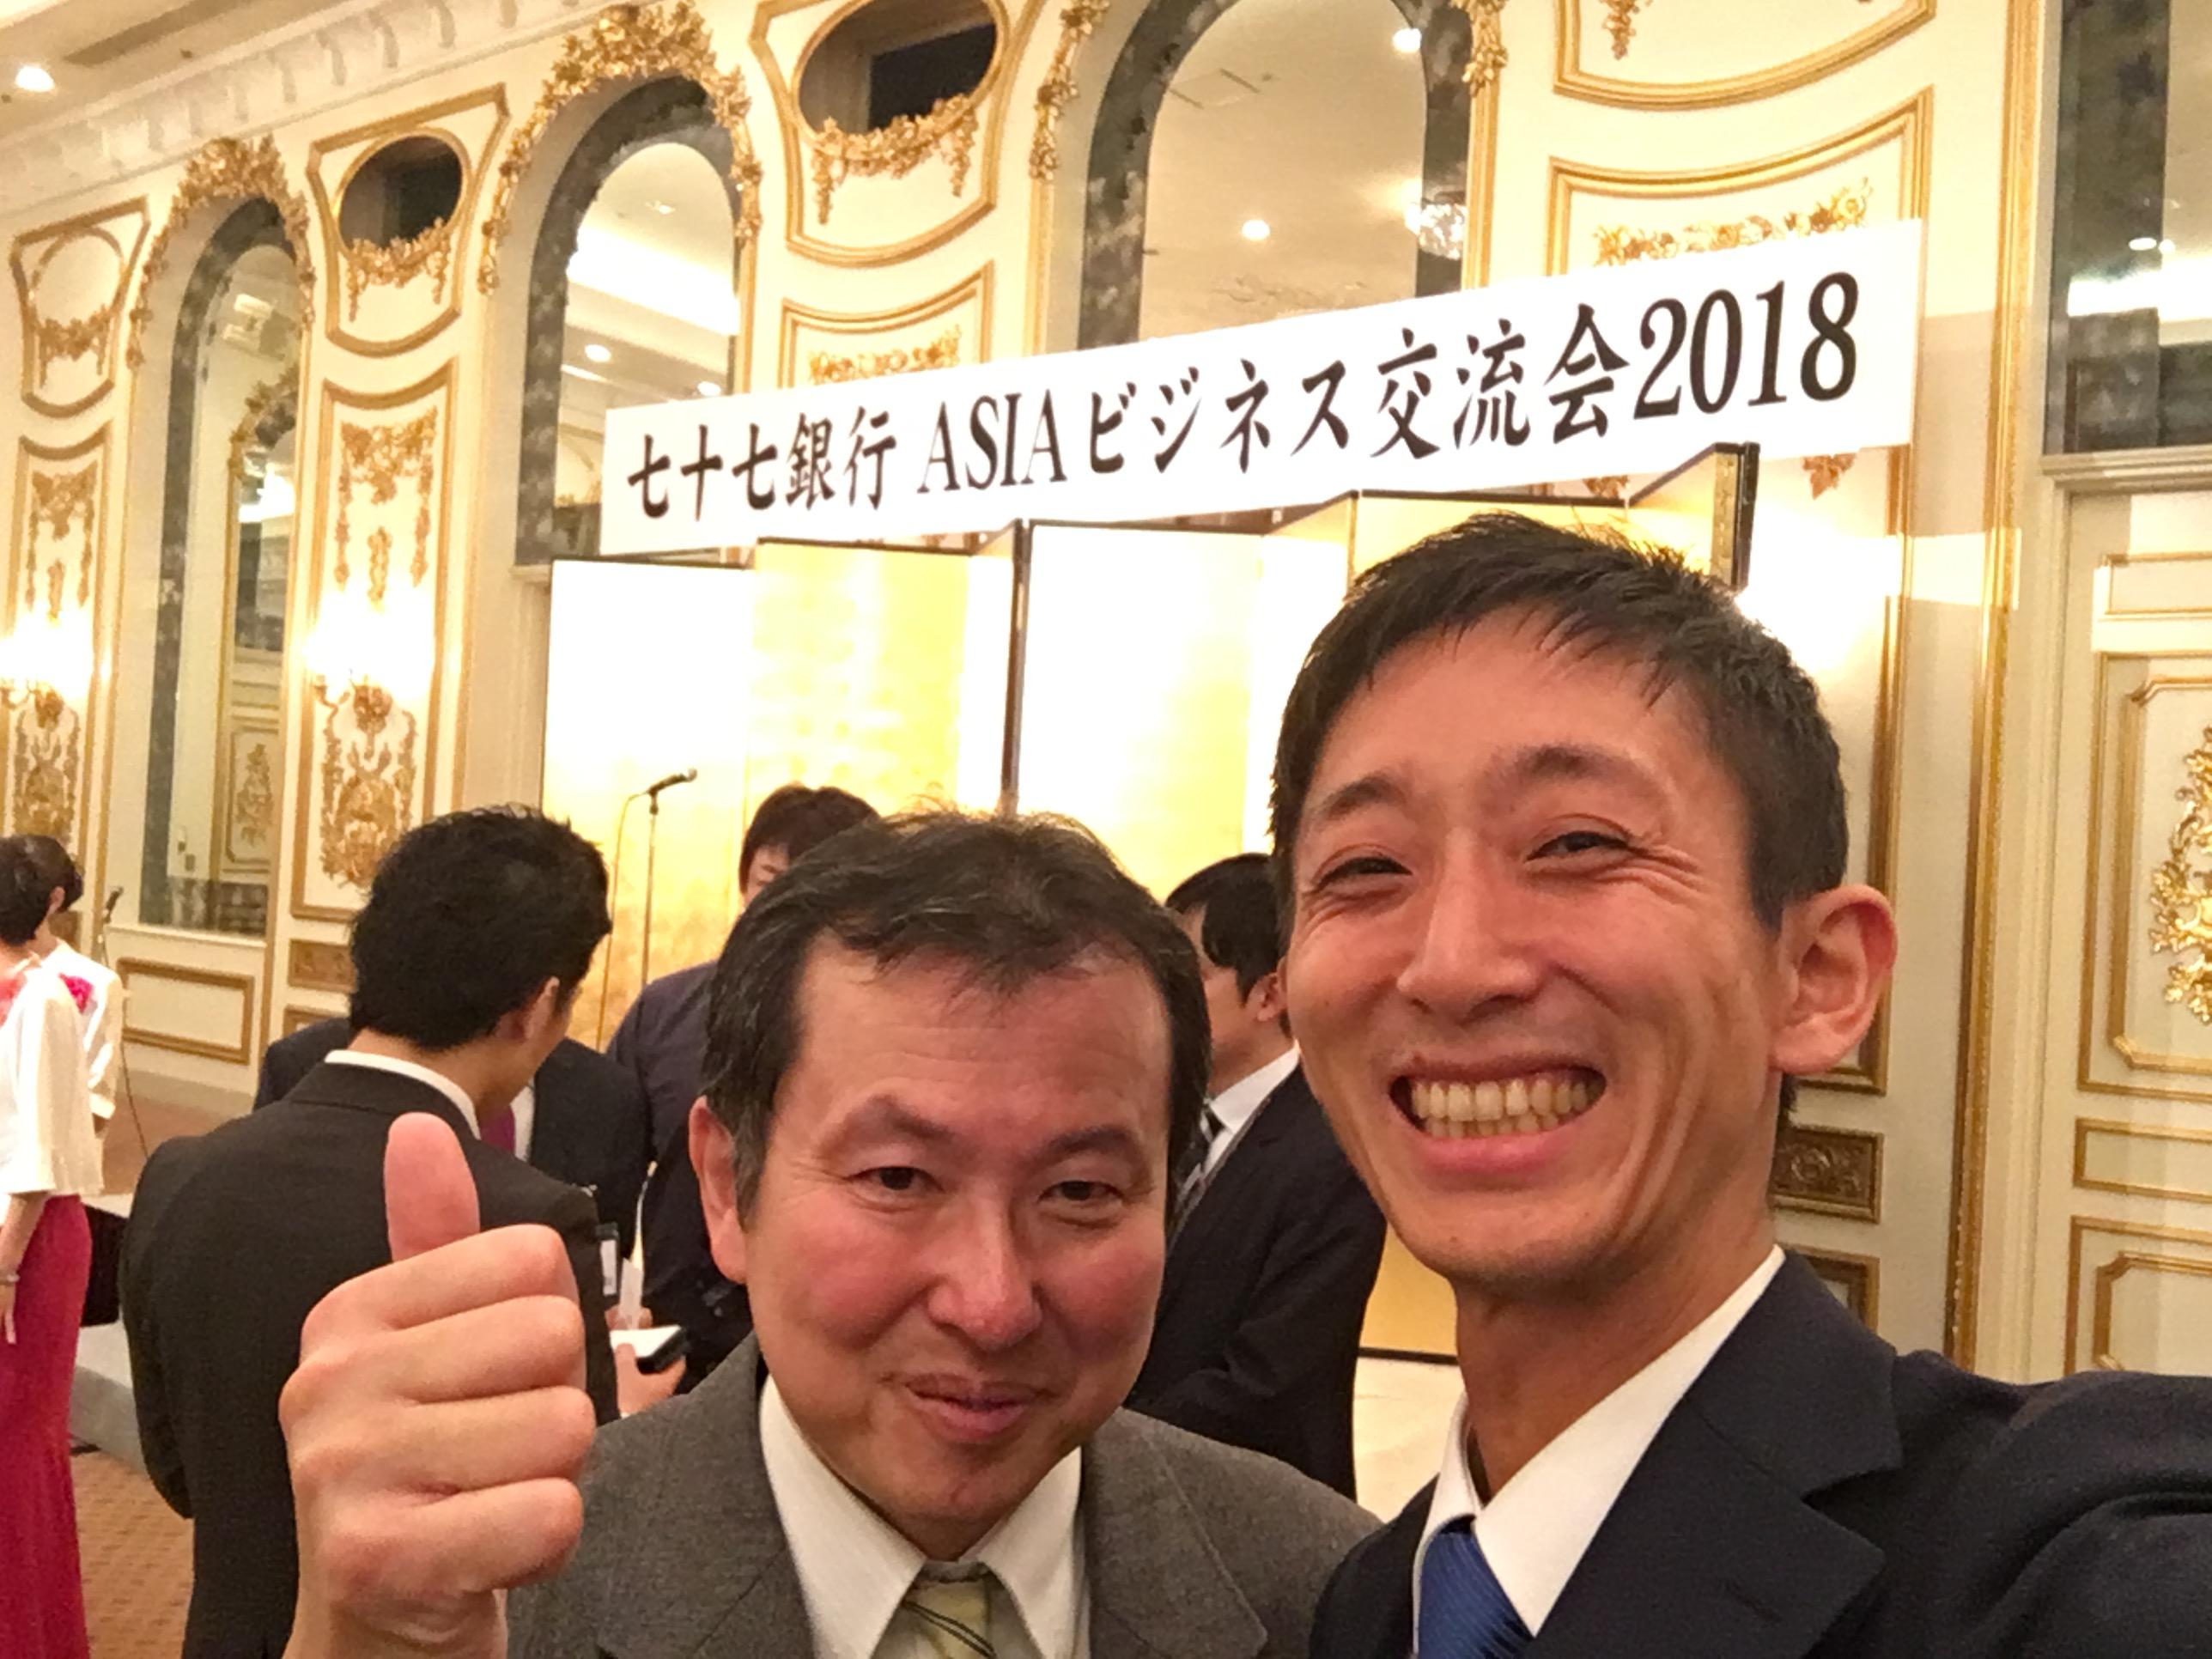 七十七銀行 ASIAビジネス交流会2018